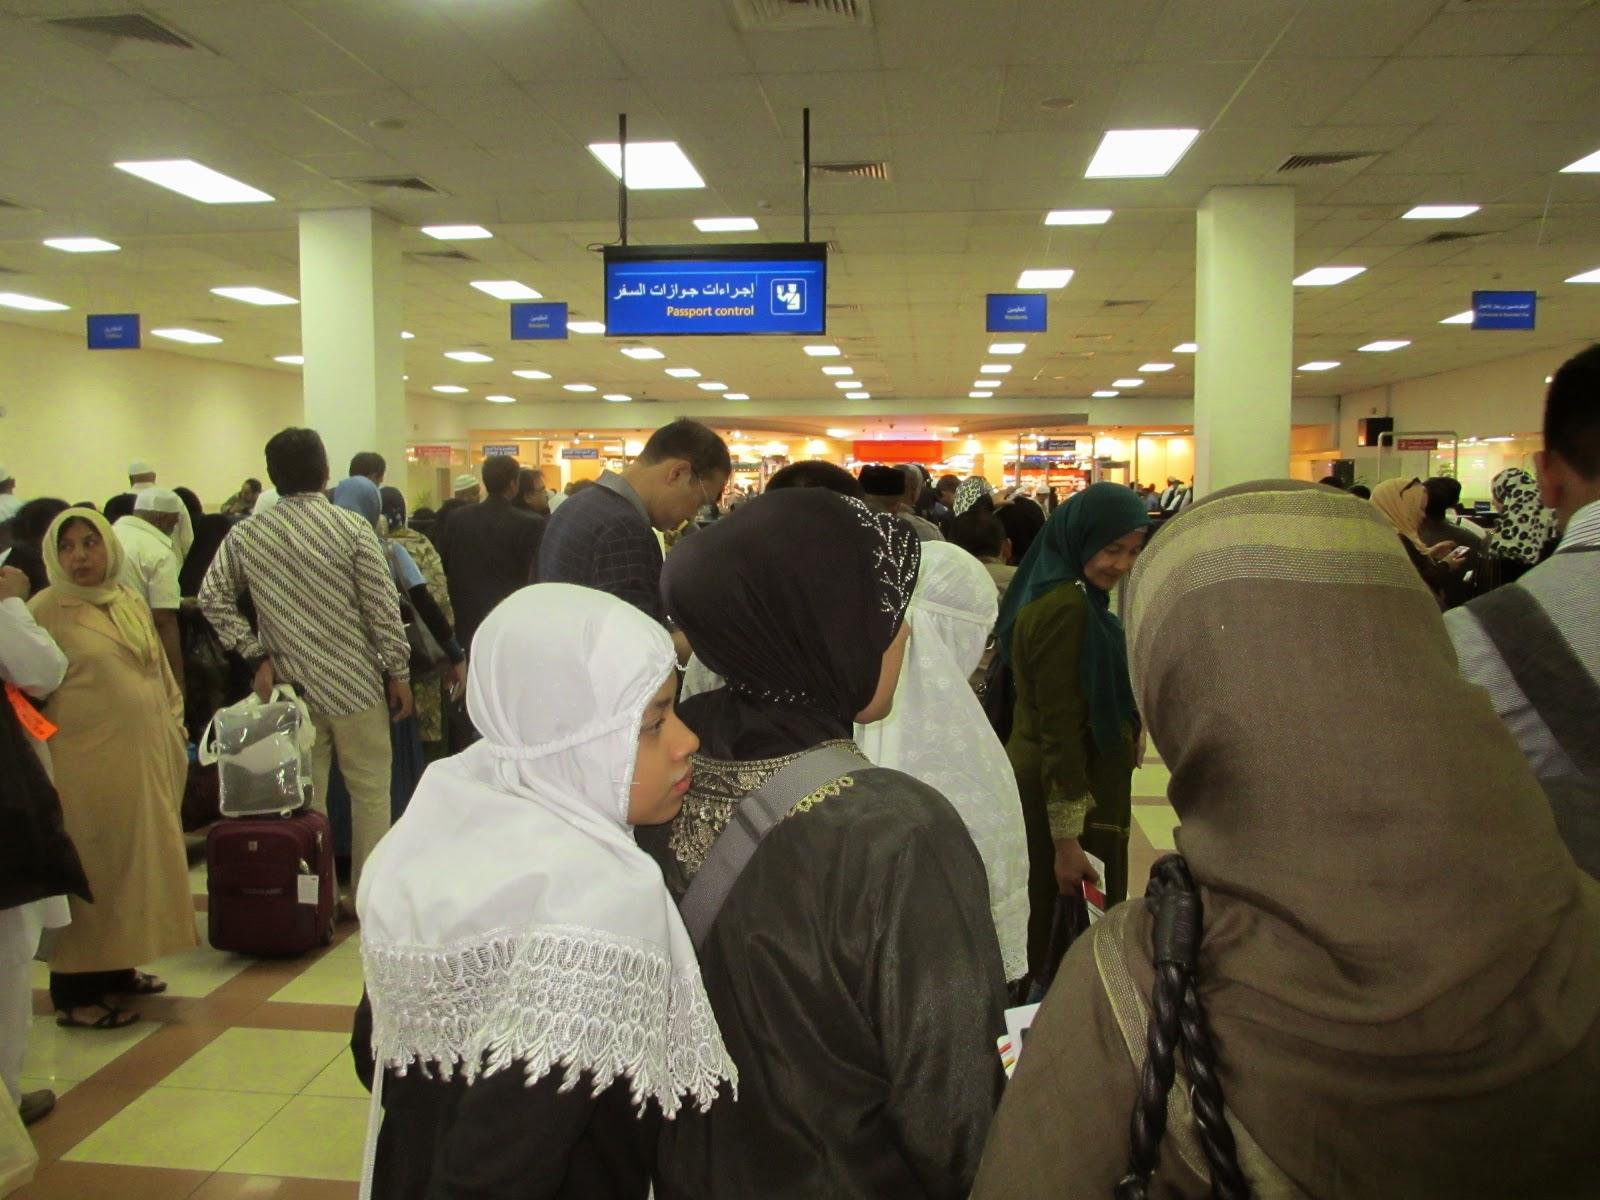 Biaya Umroh Desember 2014 Jakarta Aman Nyaman dan Terpercaya